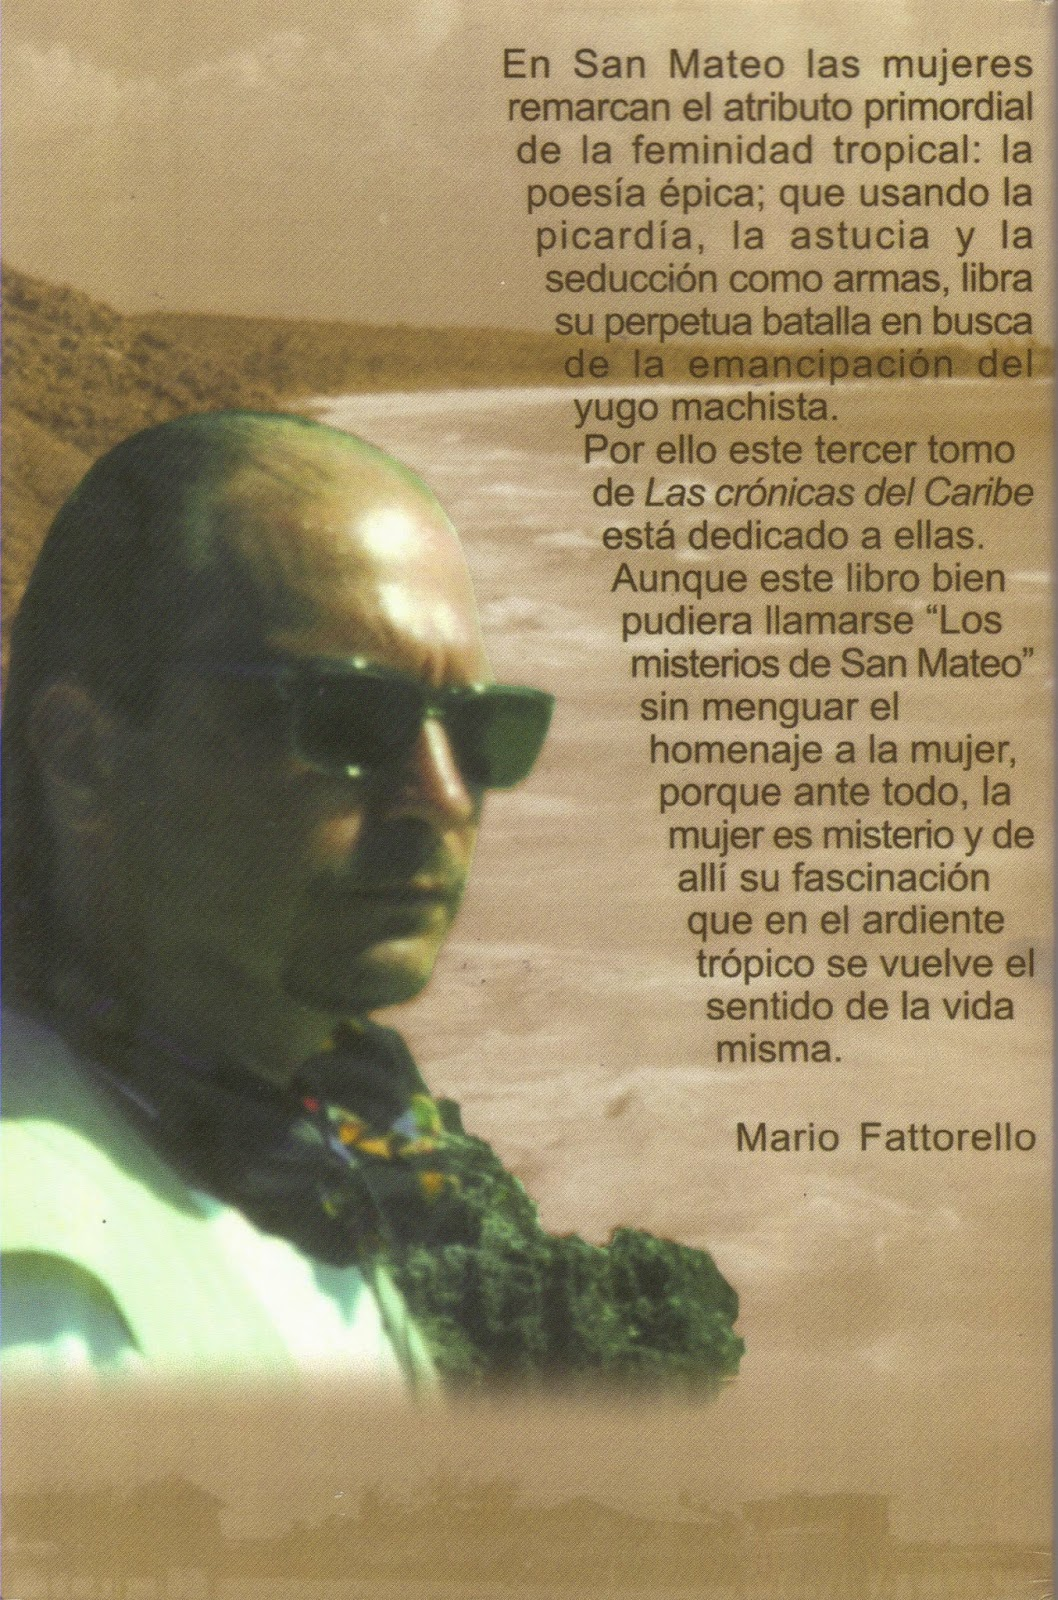 Contraportada de Las mujeres de San Mateo. Crónicas del Caribe 3. Mario Fattorello.